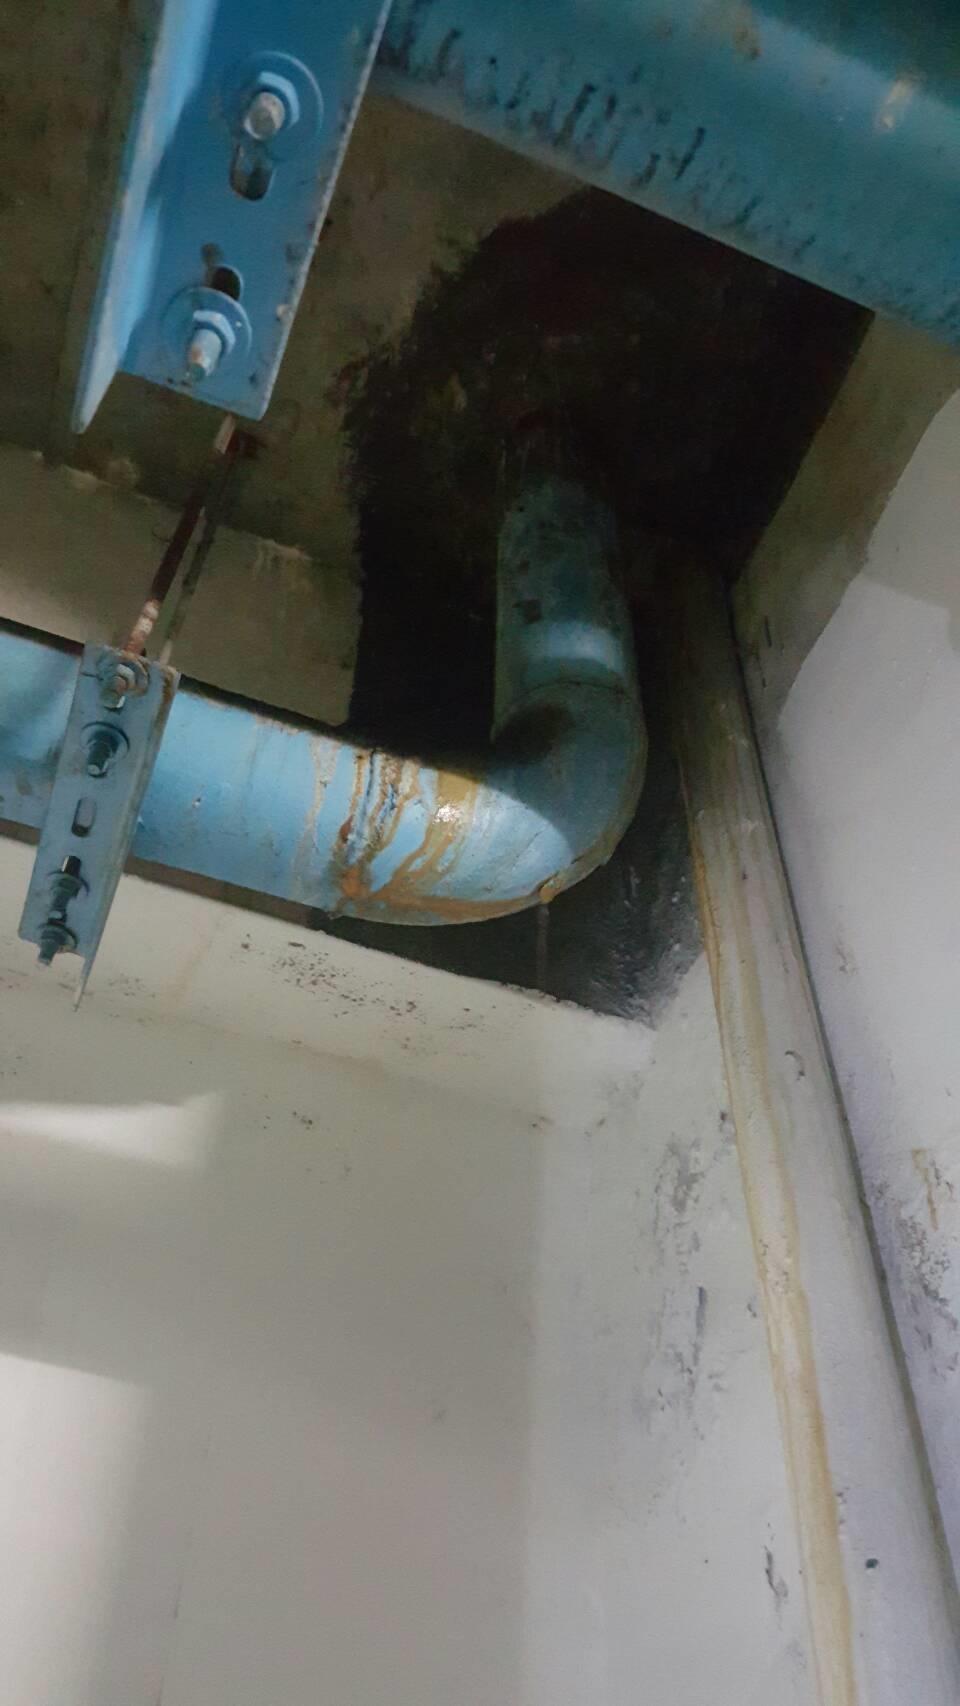 台南牆壁漏水工程-1